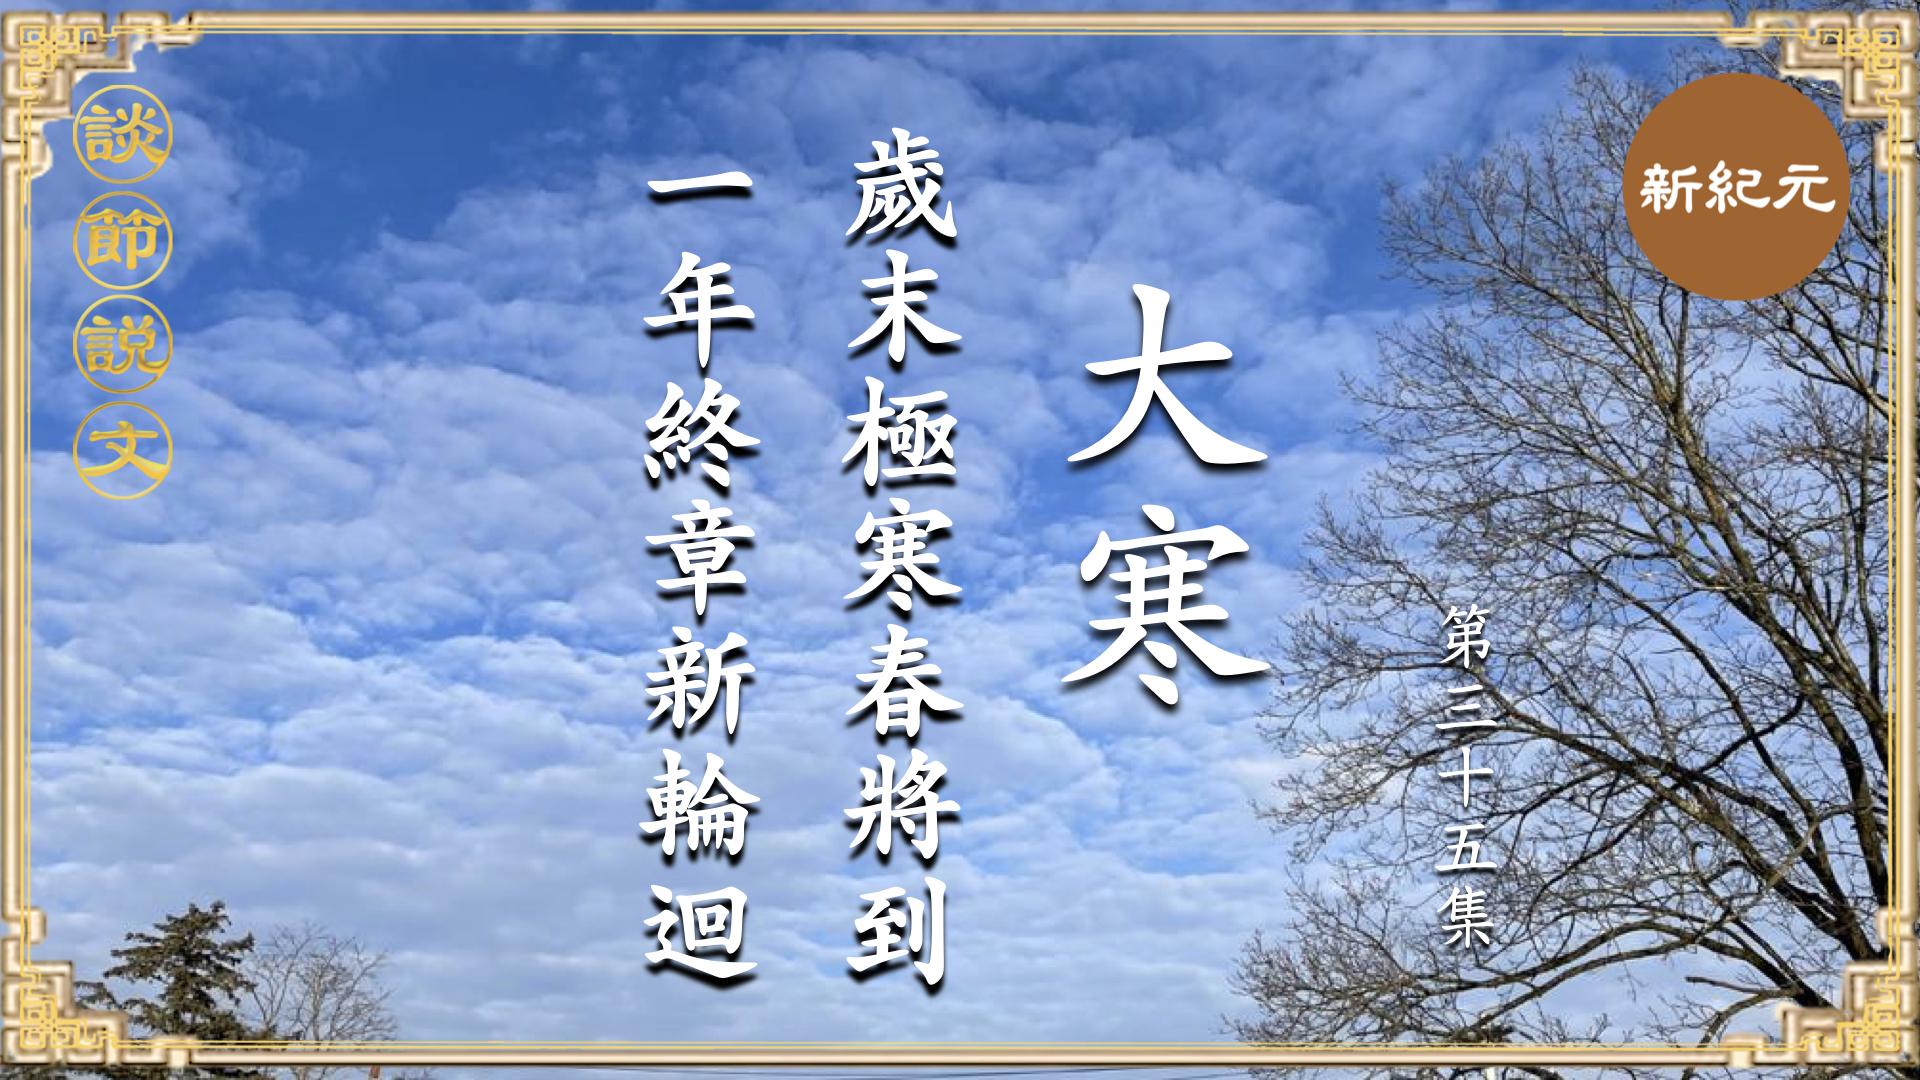 《談節說文》大寒時節:歲末極寒春將到  一年終章新輪迴(第三十五集)|#新紀元